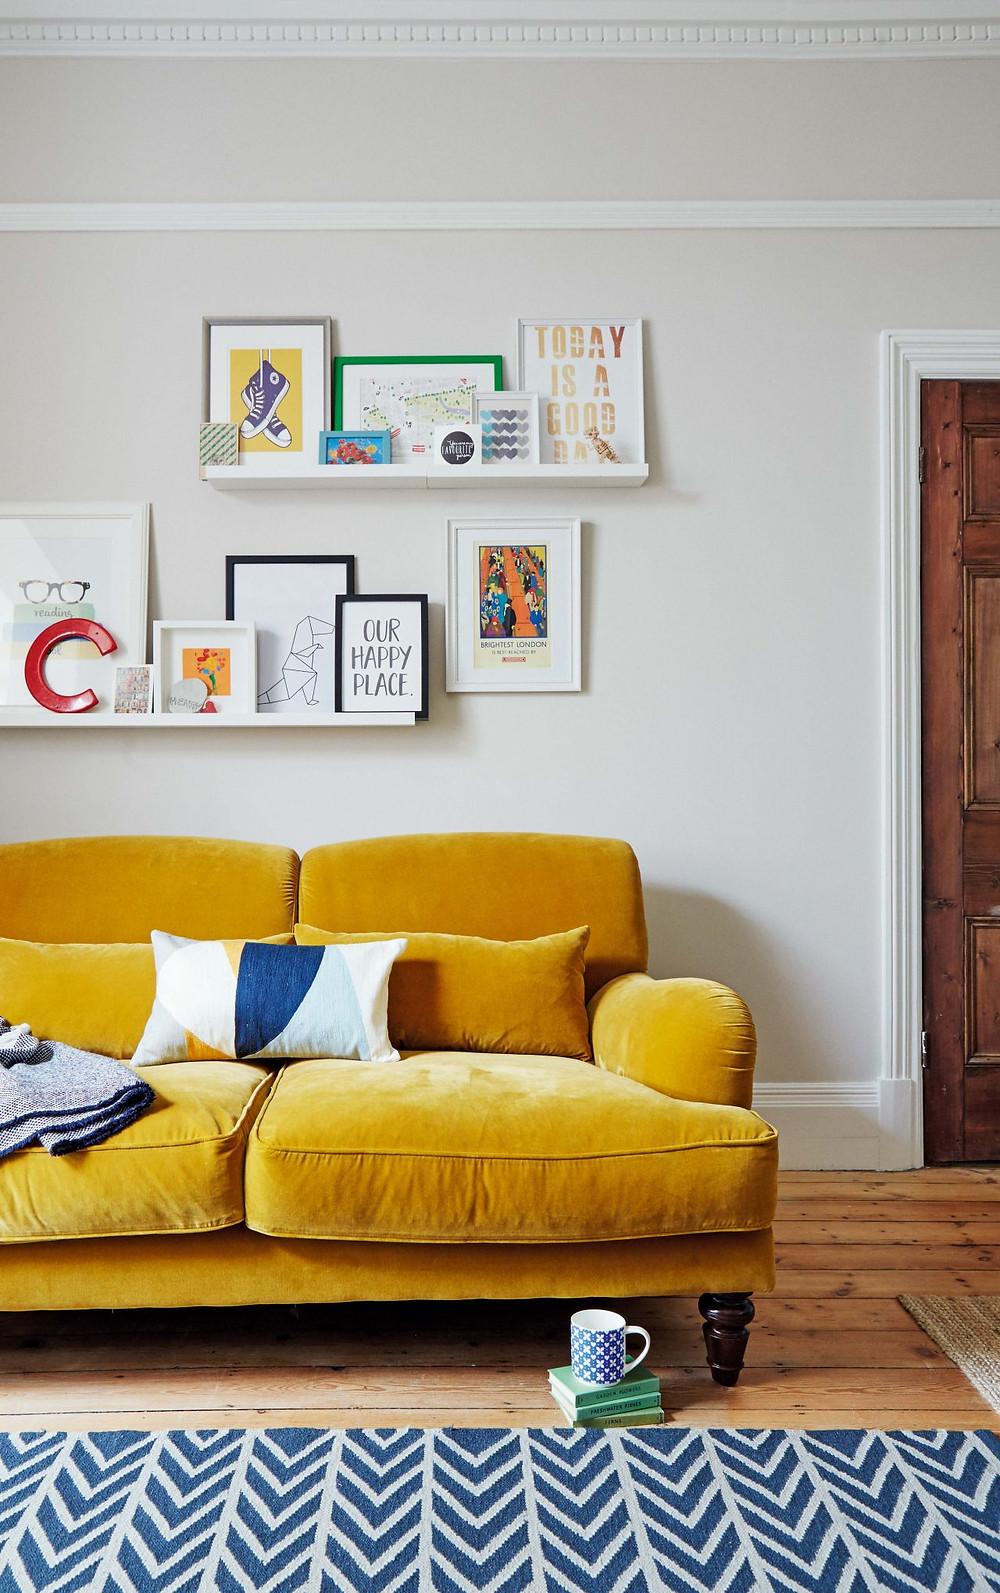 Overlapping wall art on shelves